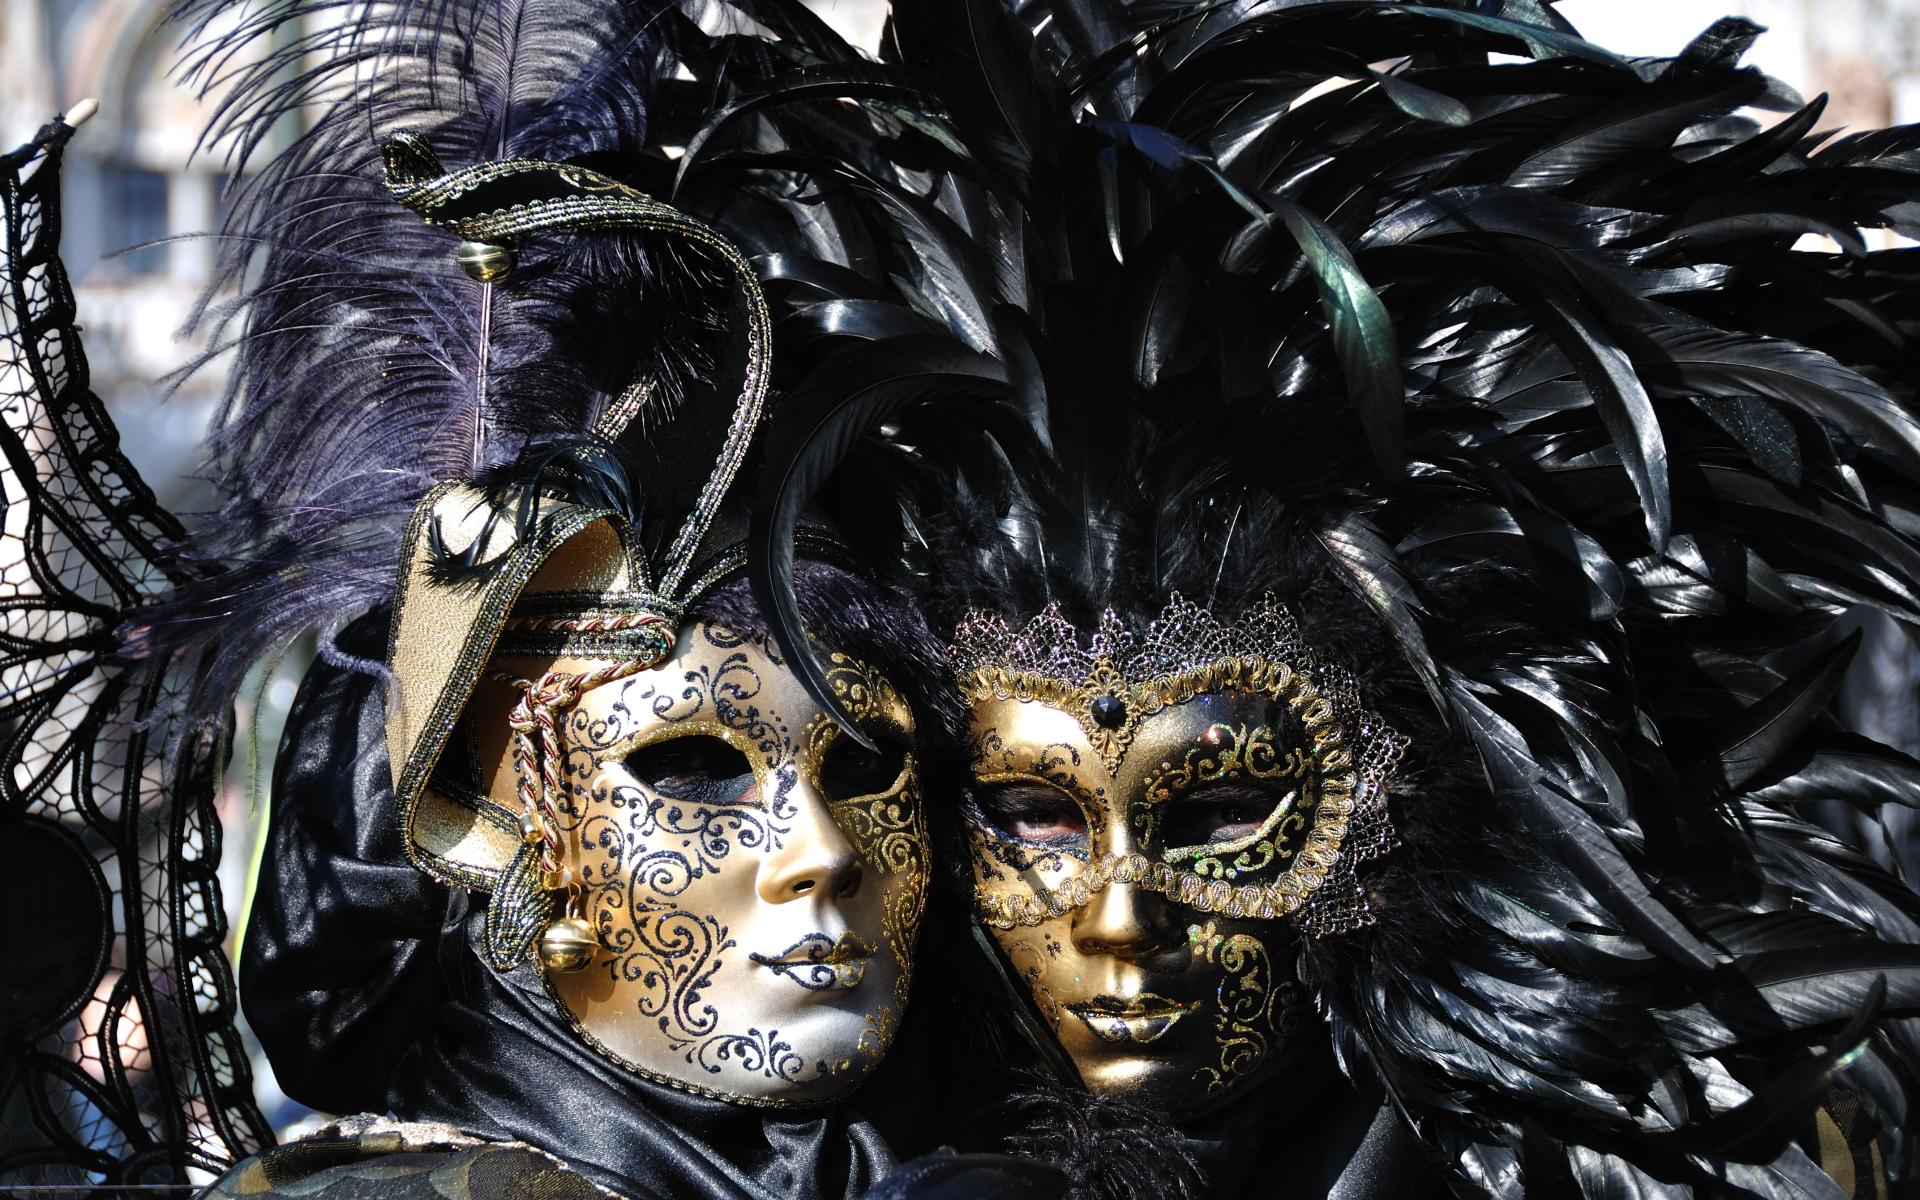 35 carnaval de venise fonds d 39 cran hd arri re plans for Foto fond ecran